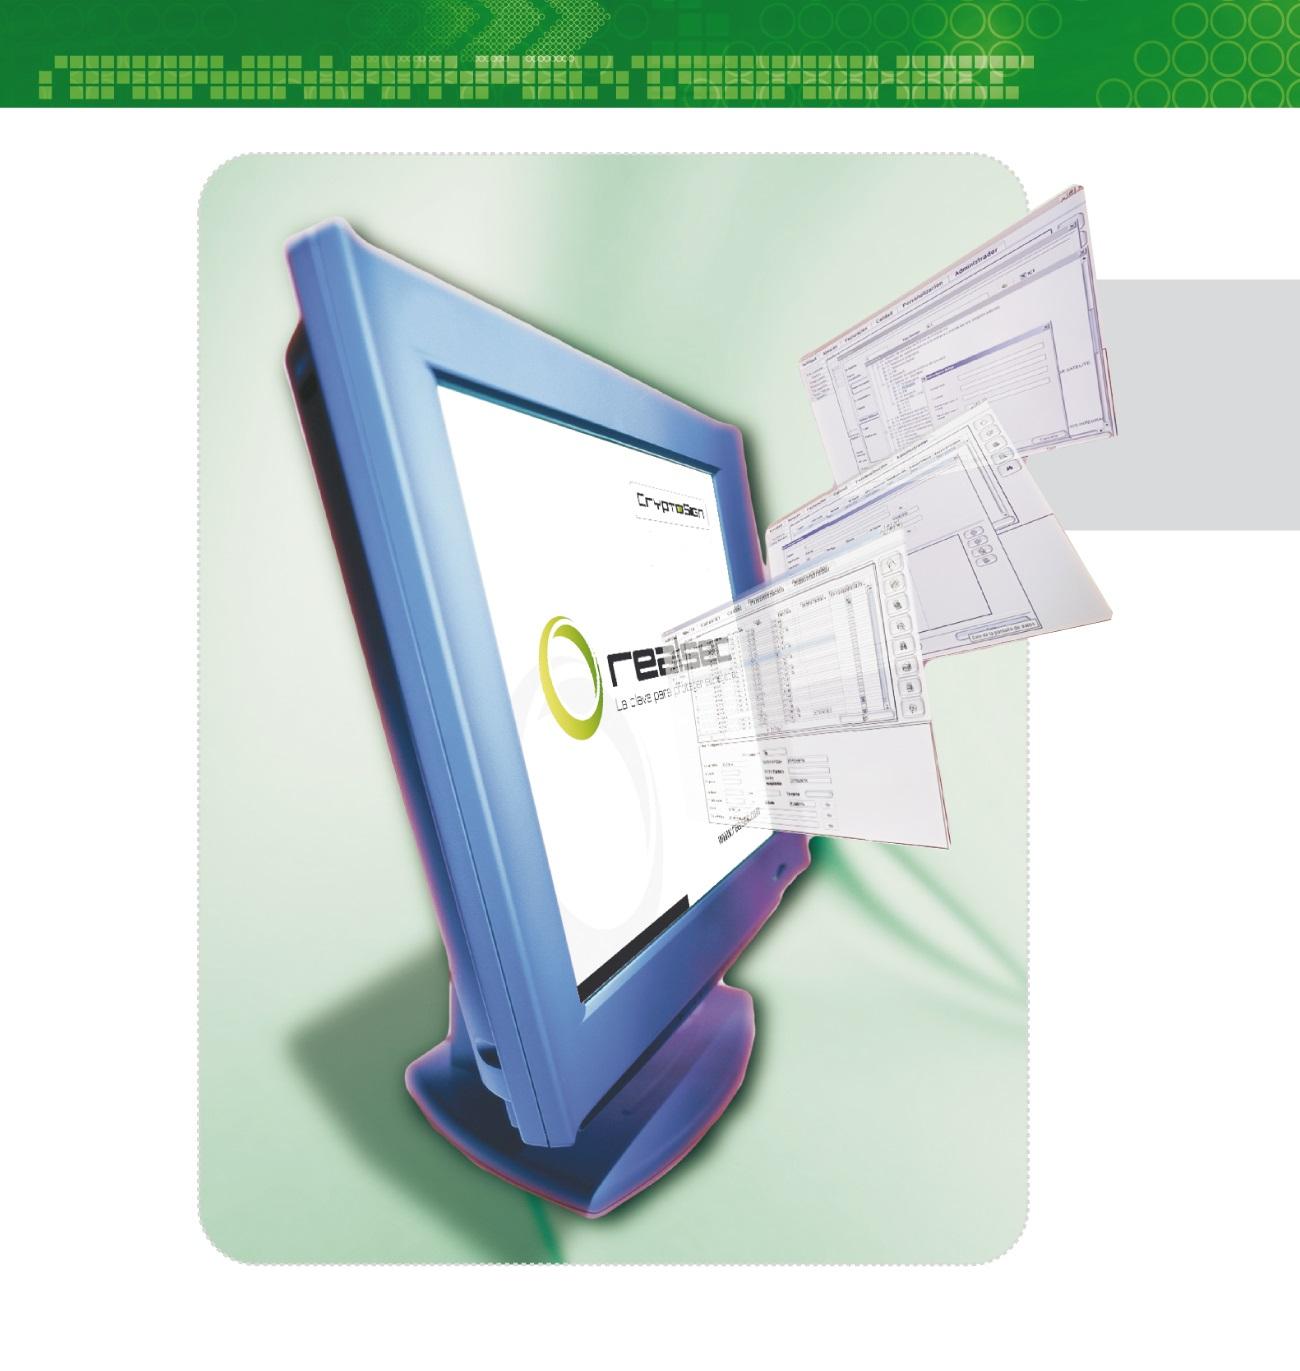 E-invoice REALSEC Peru